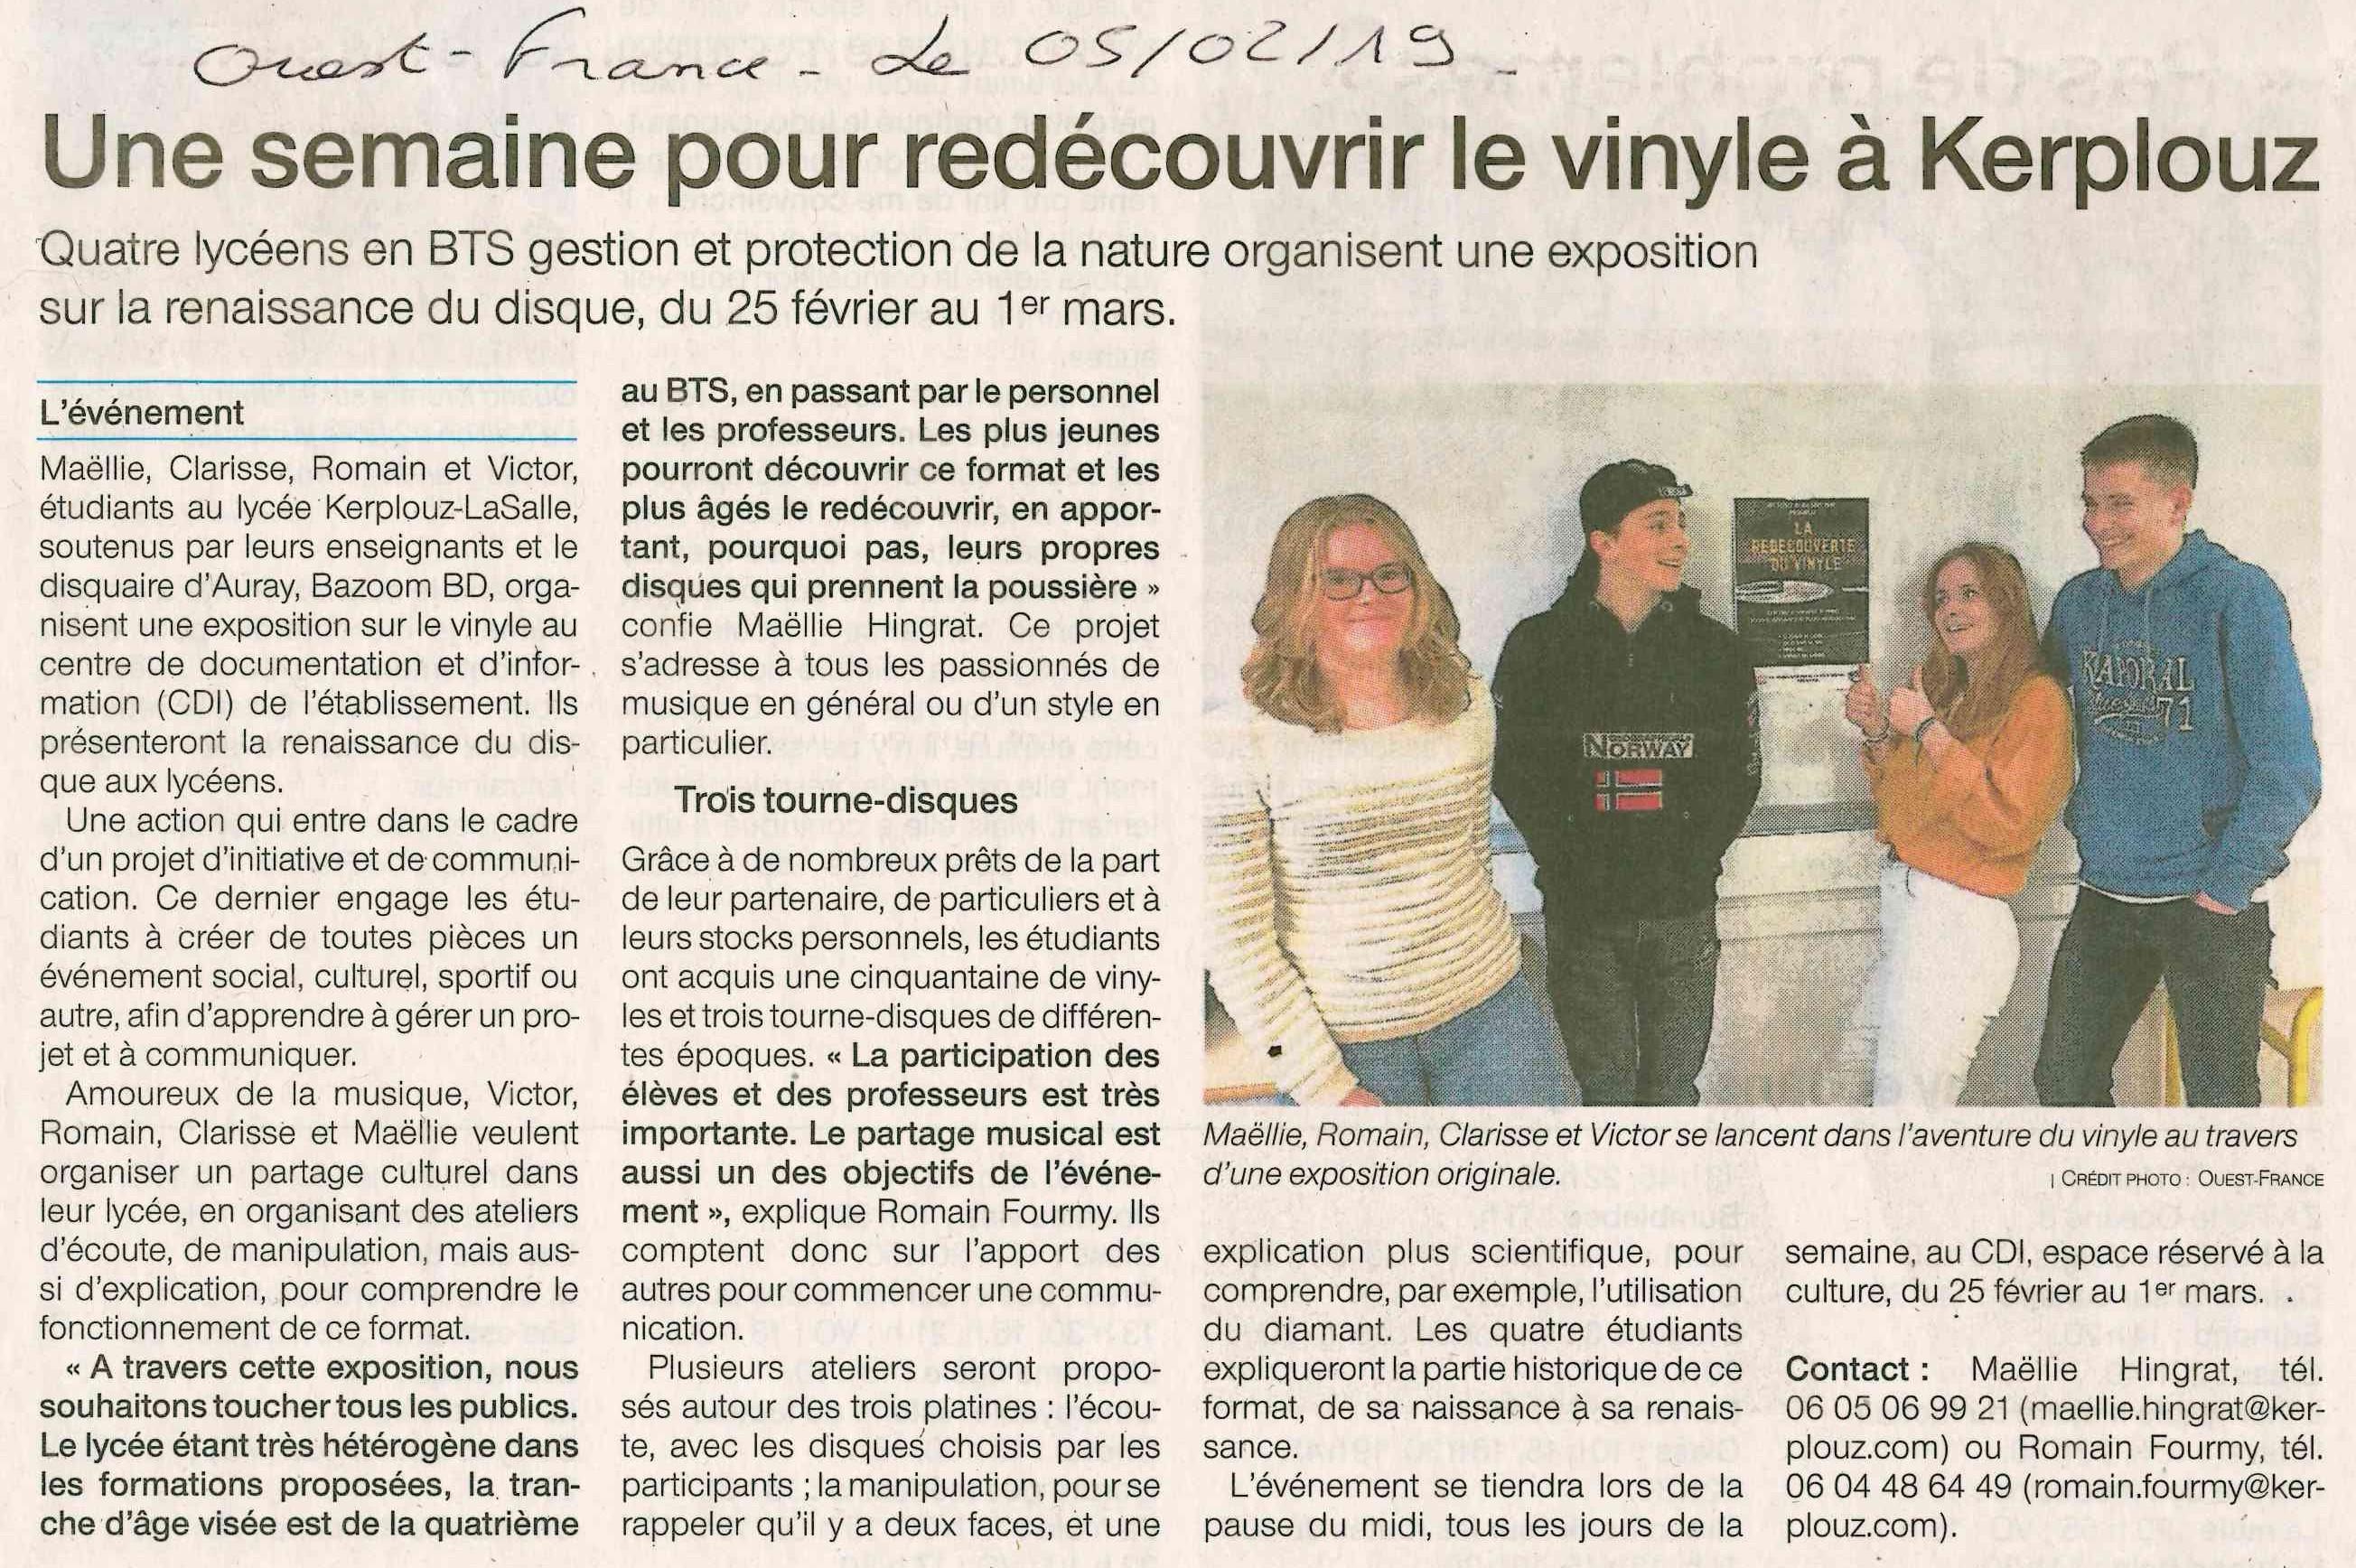 Une semaine pour redécouvrir le vinyle à Kerplouz